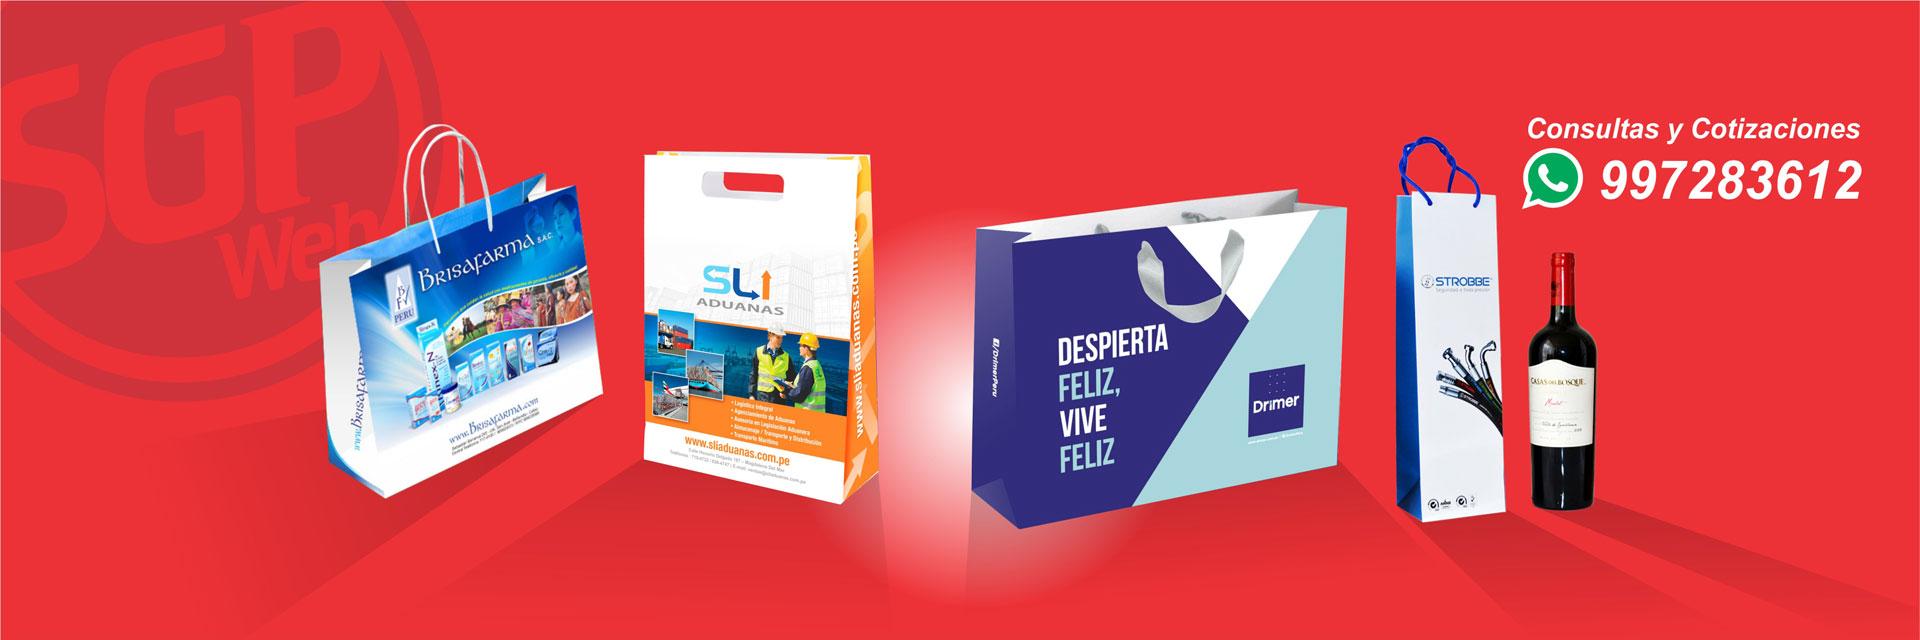 bced93579 Bolsas de Papel Peru :: bolsas de papel lima - bolsas de papel lyner ...